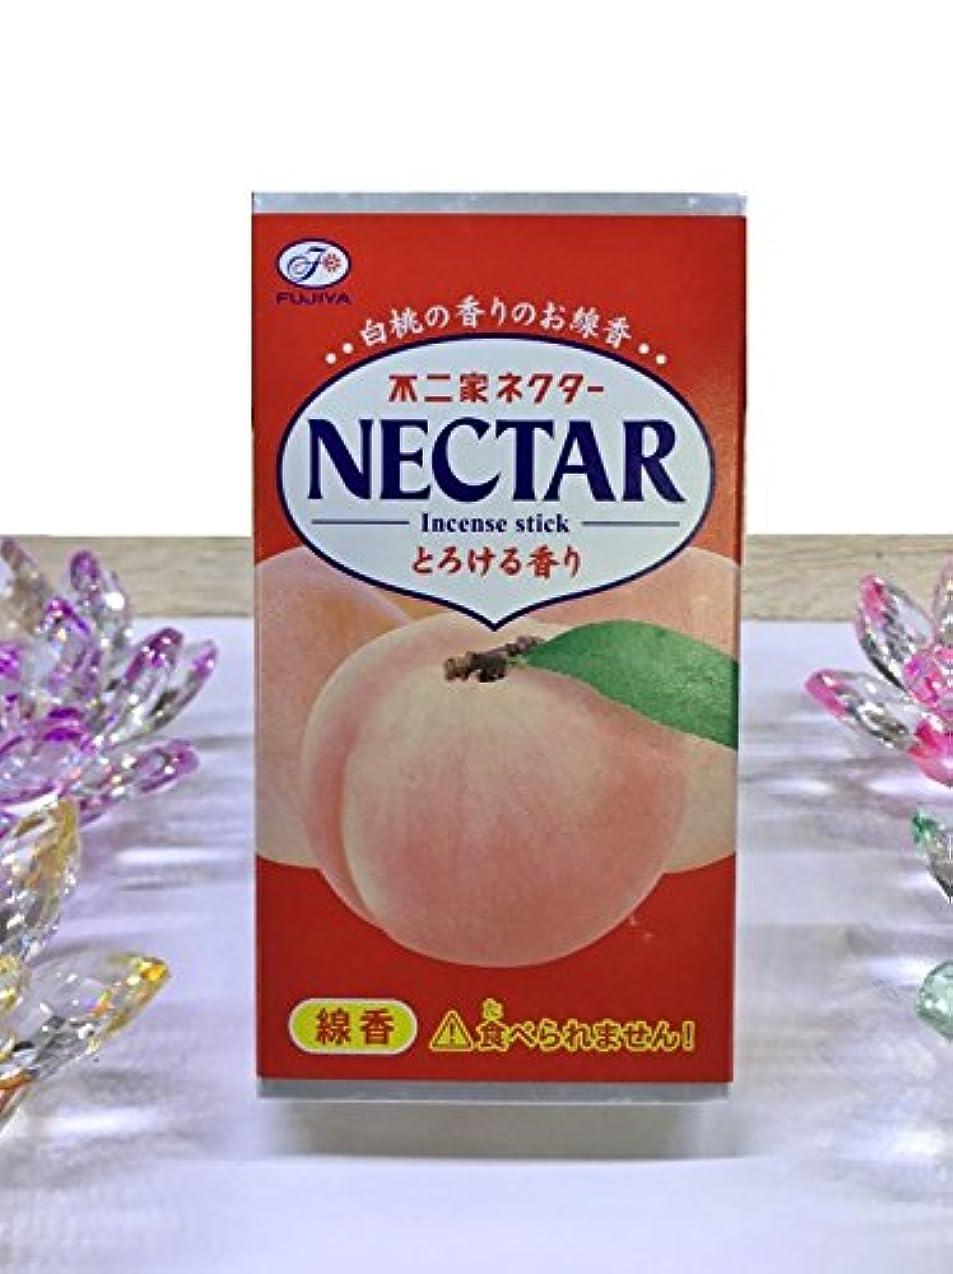 デッキ安いですマグkameyama ミニ寸線香 不二家ネクター 白桃の香りのお線香 とろける香り